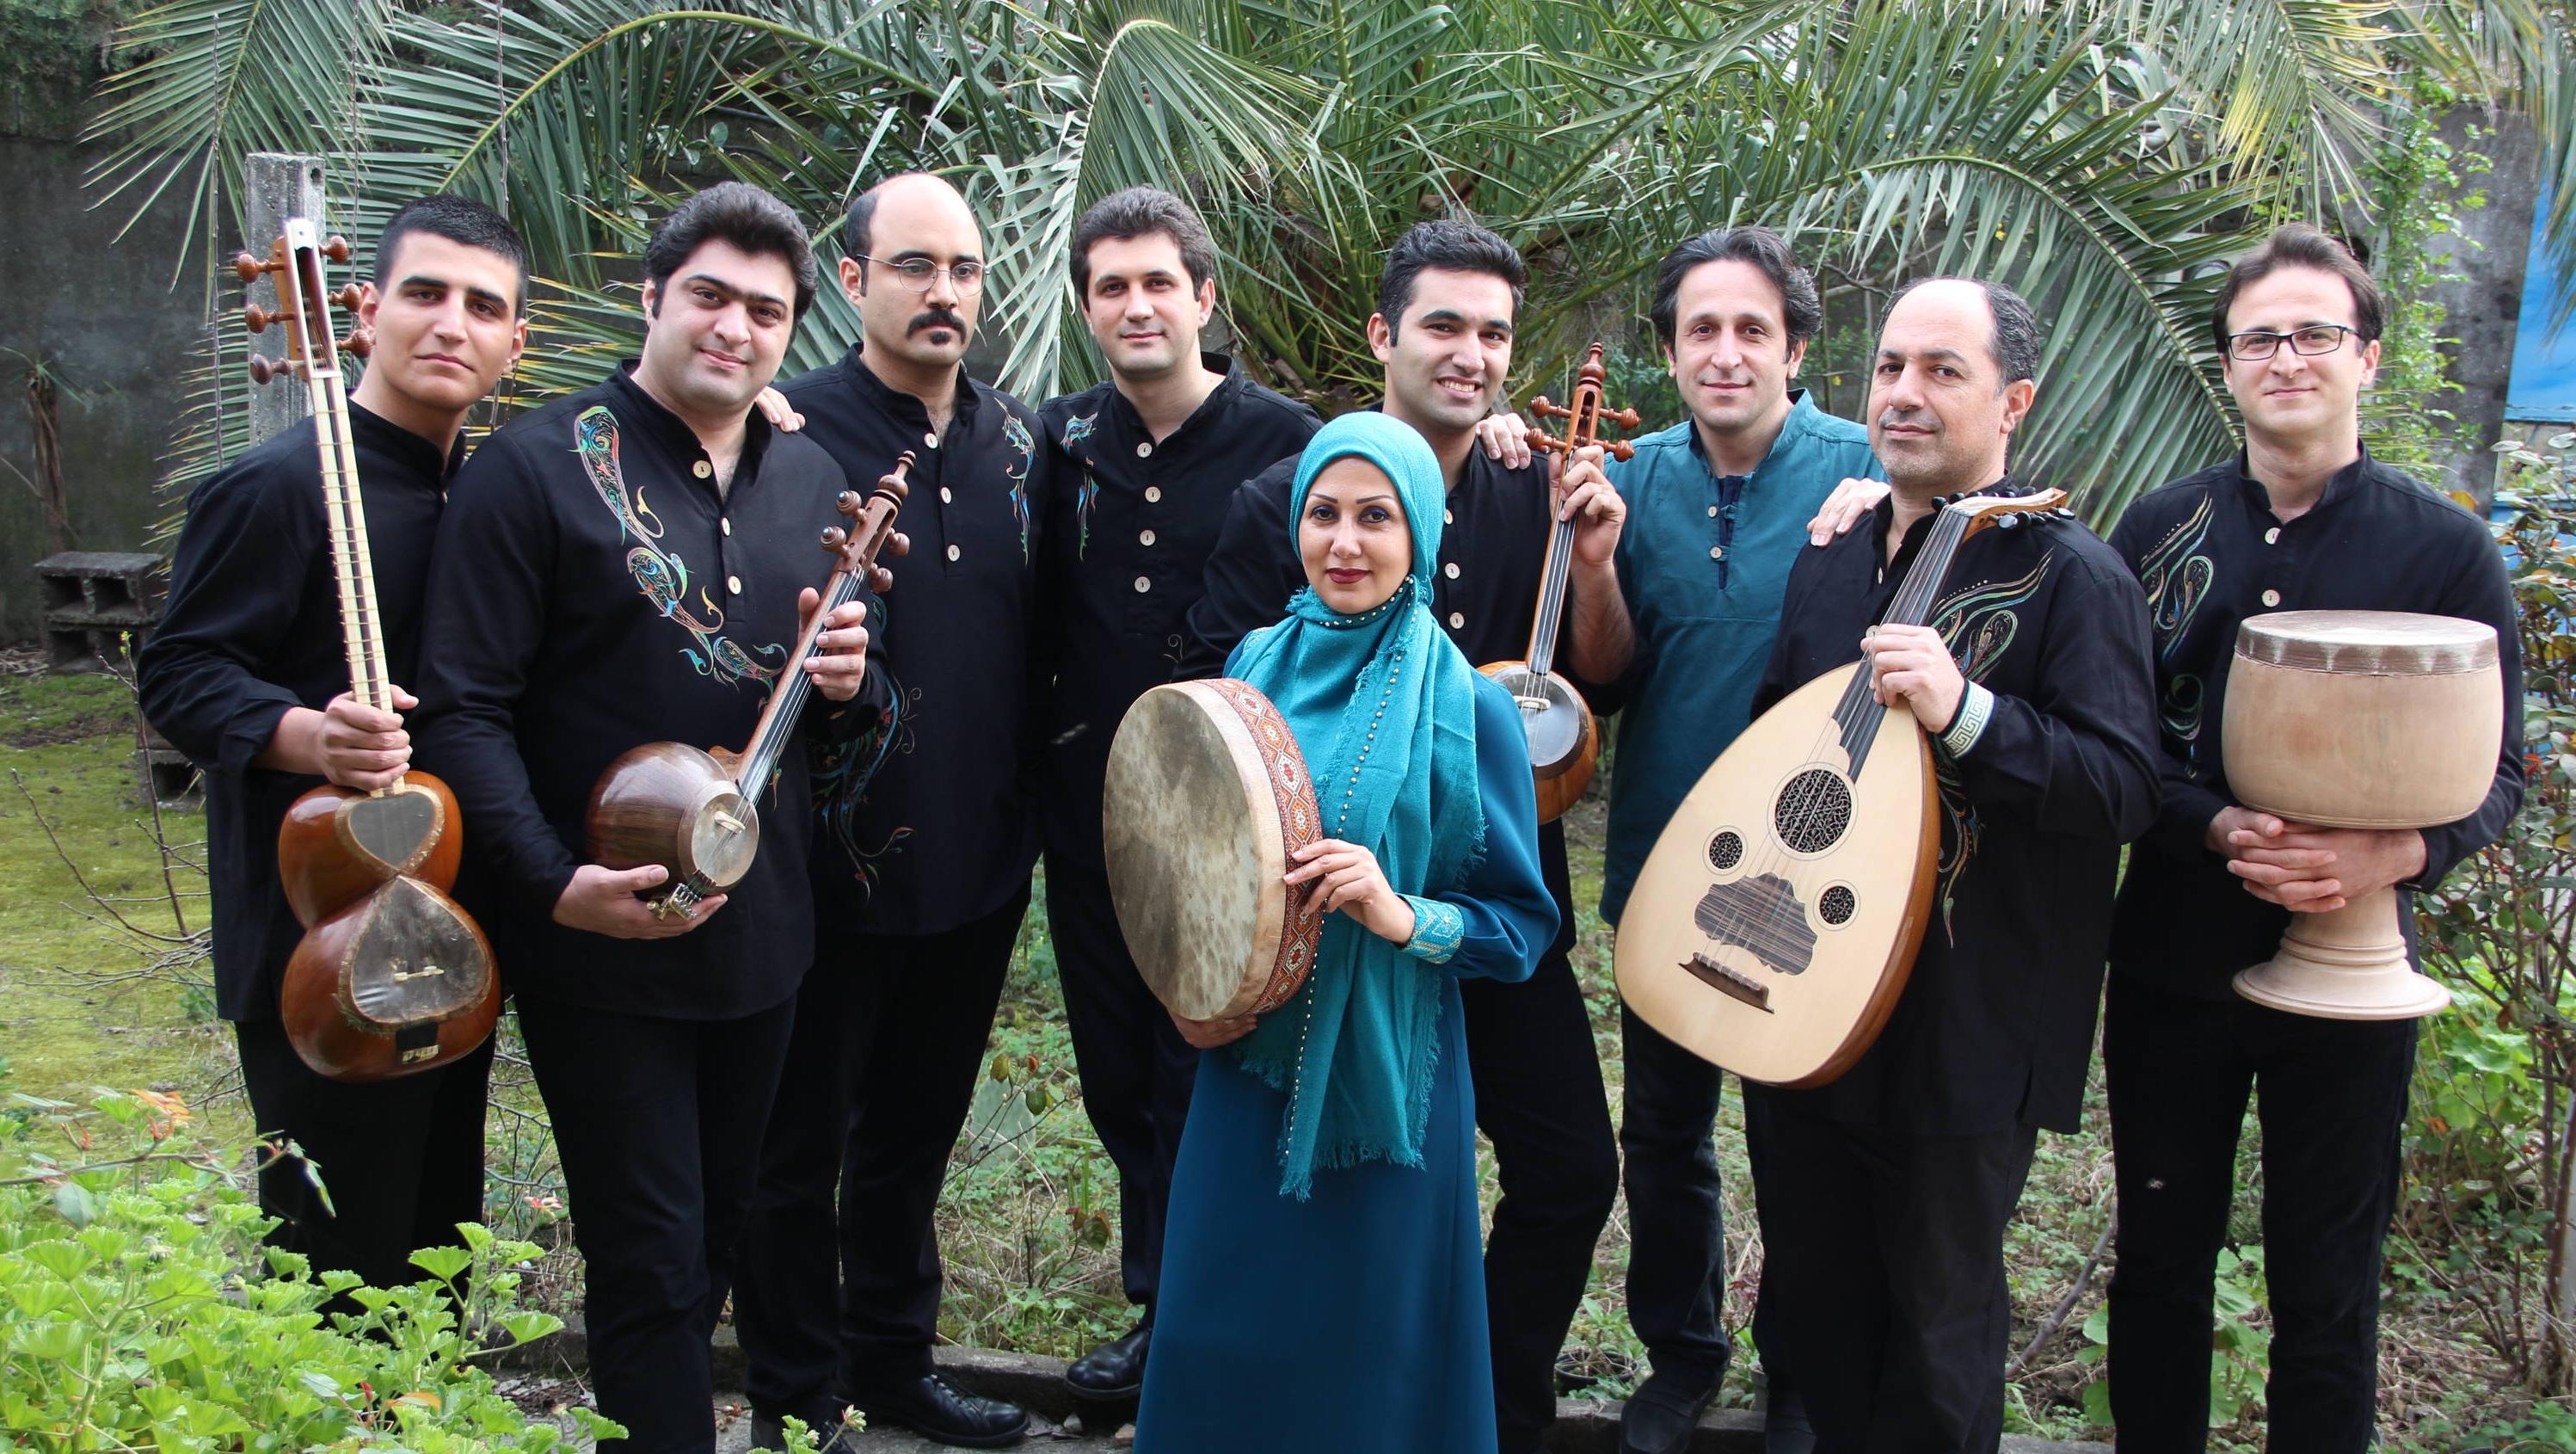 دانلود همنوازان فاخته برگزاری کنسرت تصنیف و ترانه از گروه همنوازان فاخته